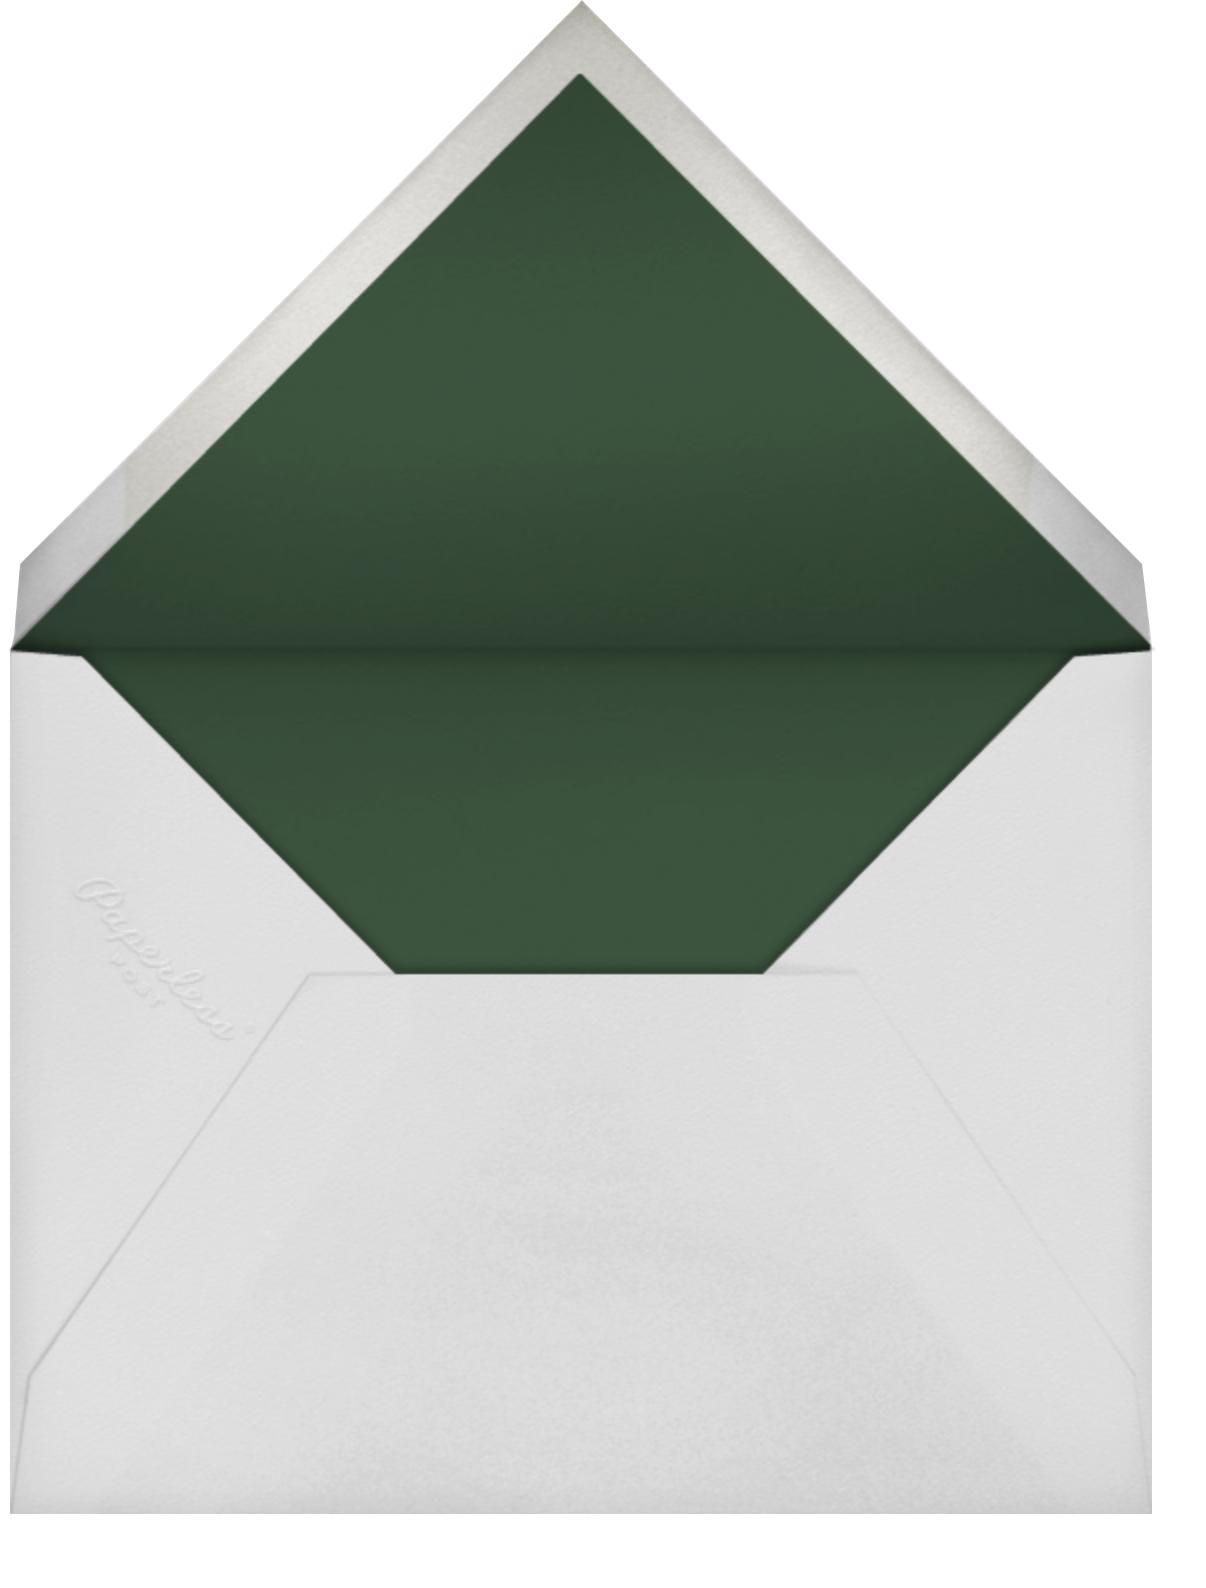 Embroidered Floral - Aquamarine - Oscar de la Renta - Adult birthday - envelope back